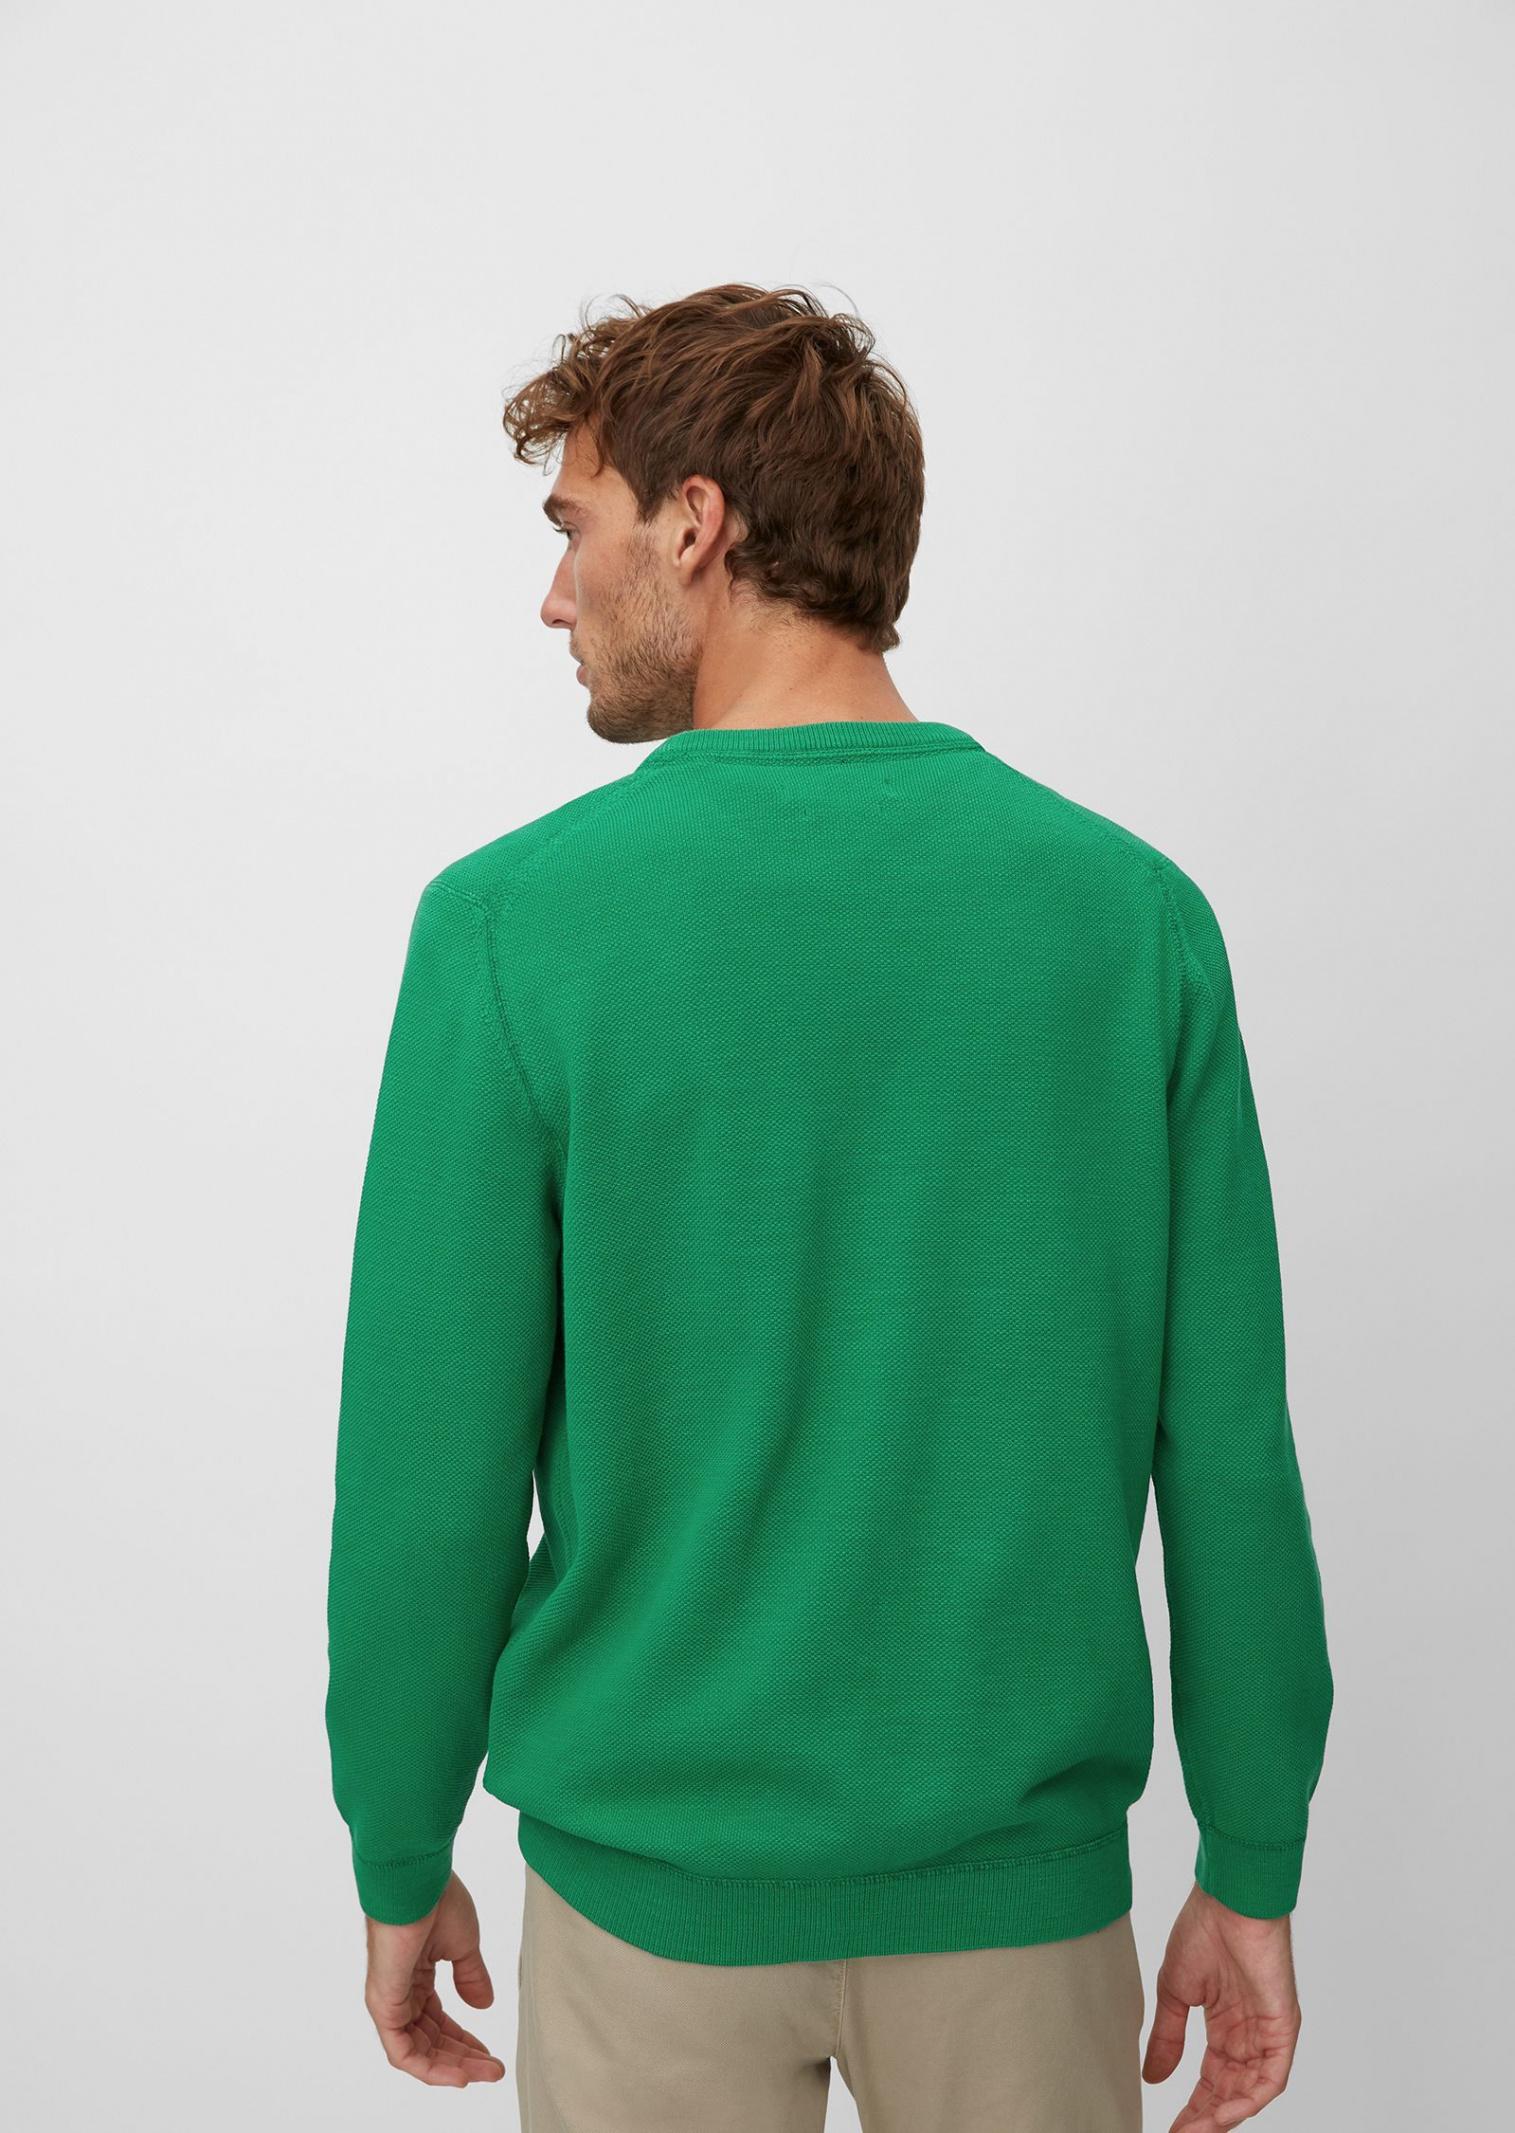 MARC O'POLO Кофти та светри чоловічі модель 021500460134-456 ціна, 2017